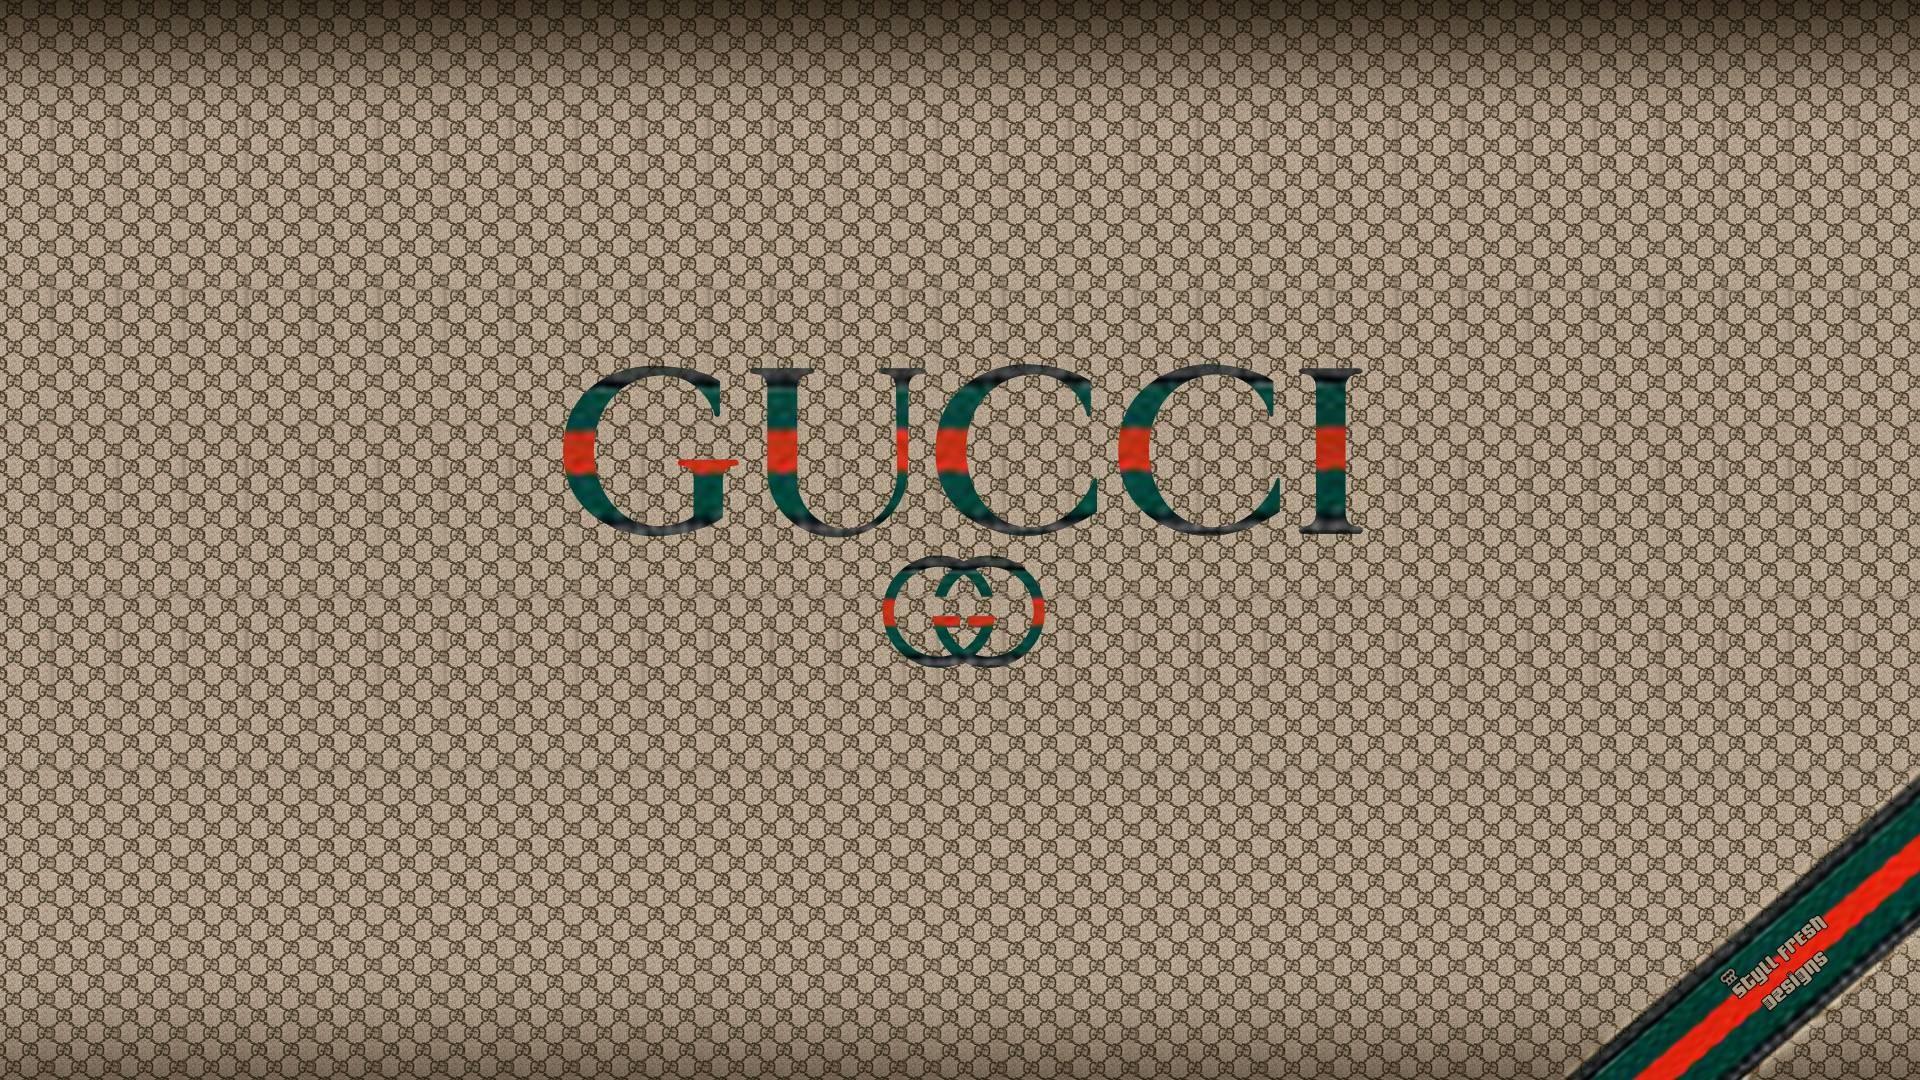 Gucci Logo Wallpaper 63 images 1920x1080